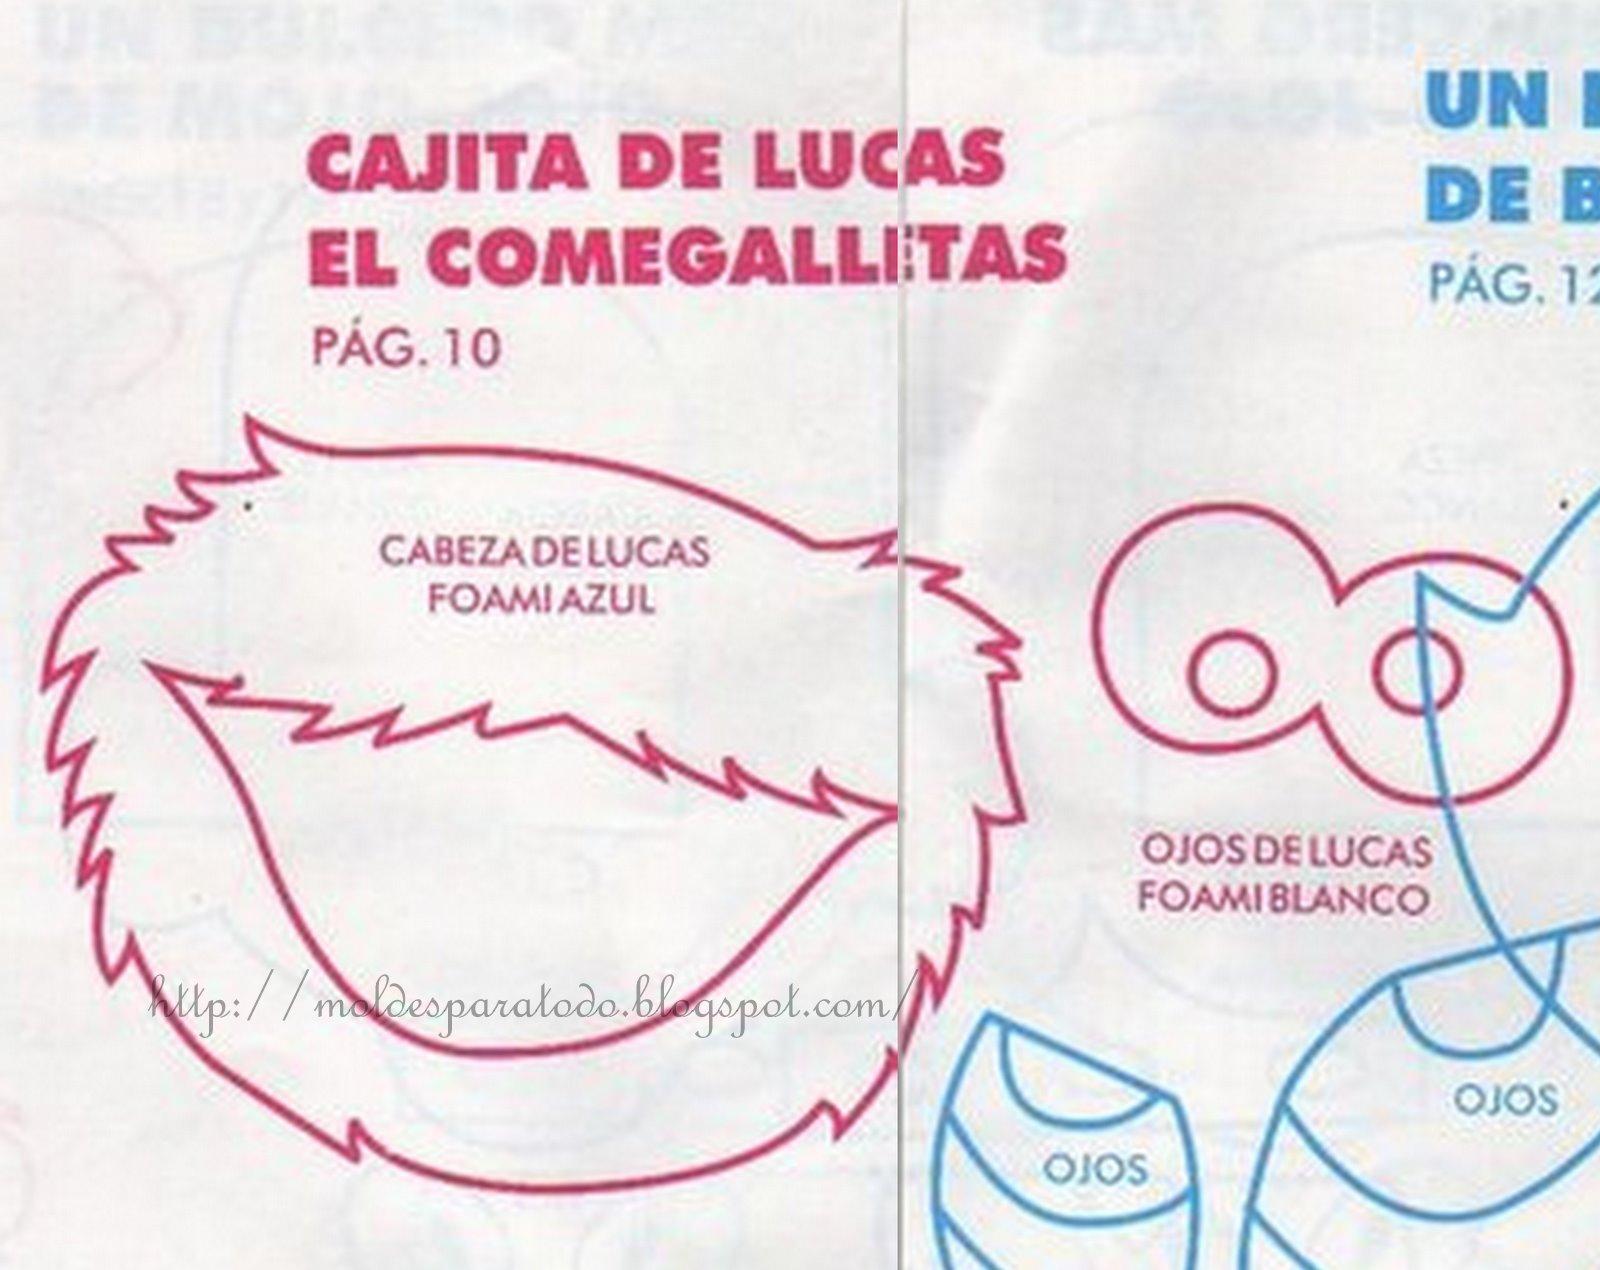 Moldes para Todo: * Cajita de Lucas el come galletas *